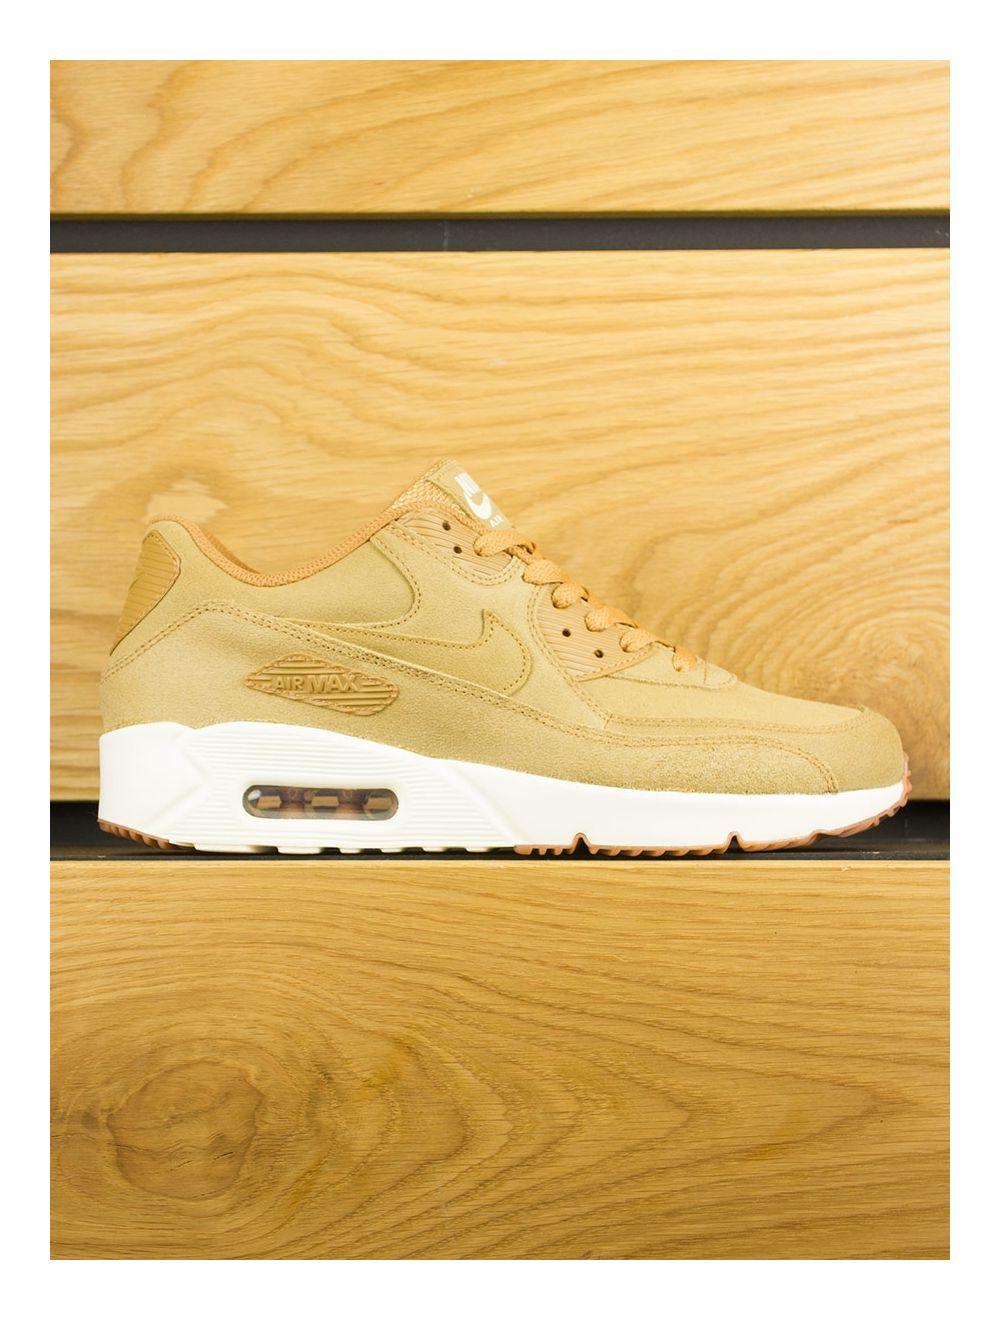 zapatos genuinos compra venta guapo Nike Air Max 90 Ultra 2.0 LTR Flax - Sail Gum Brown